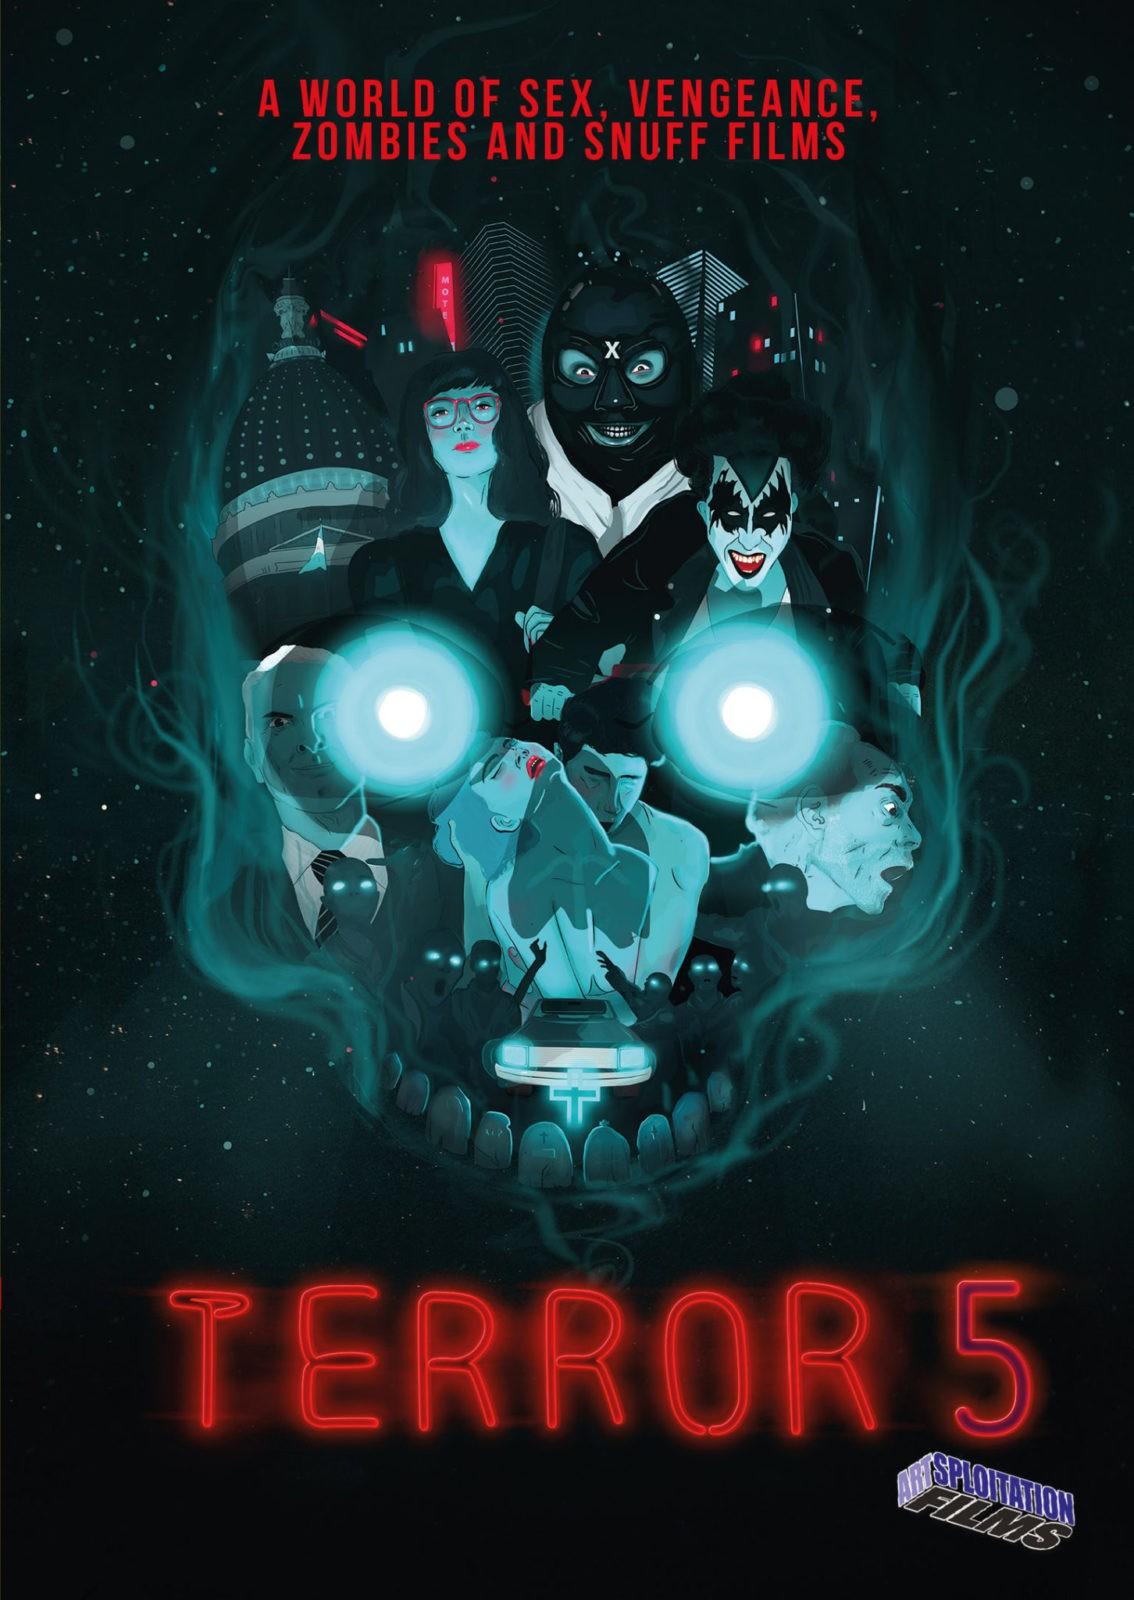 Terror 5 Artsploitation Films